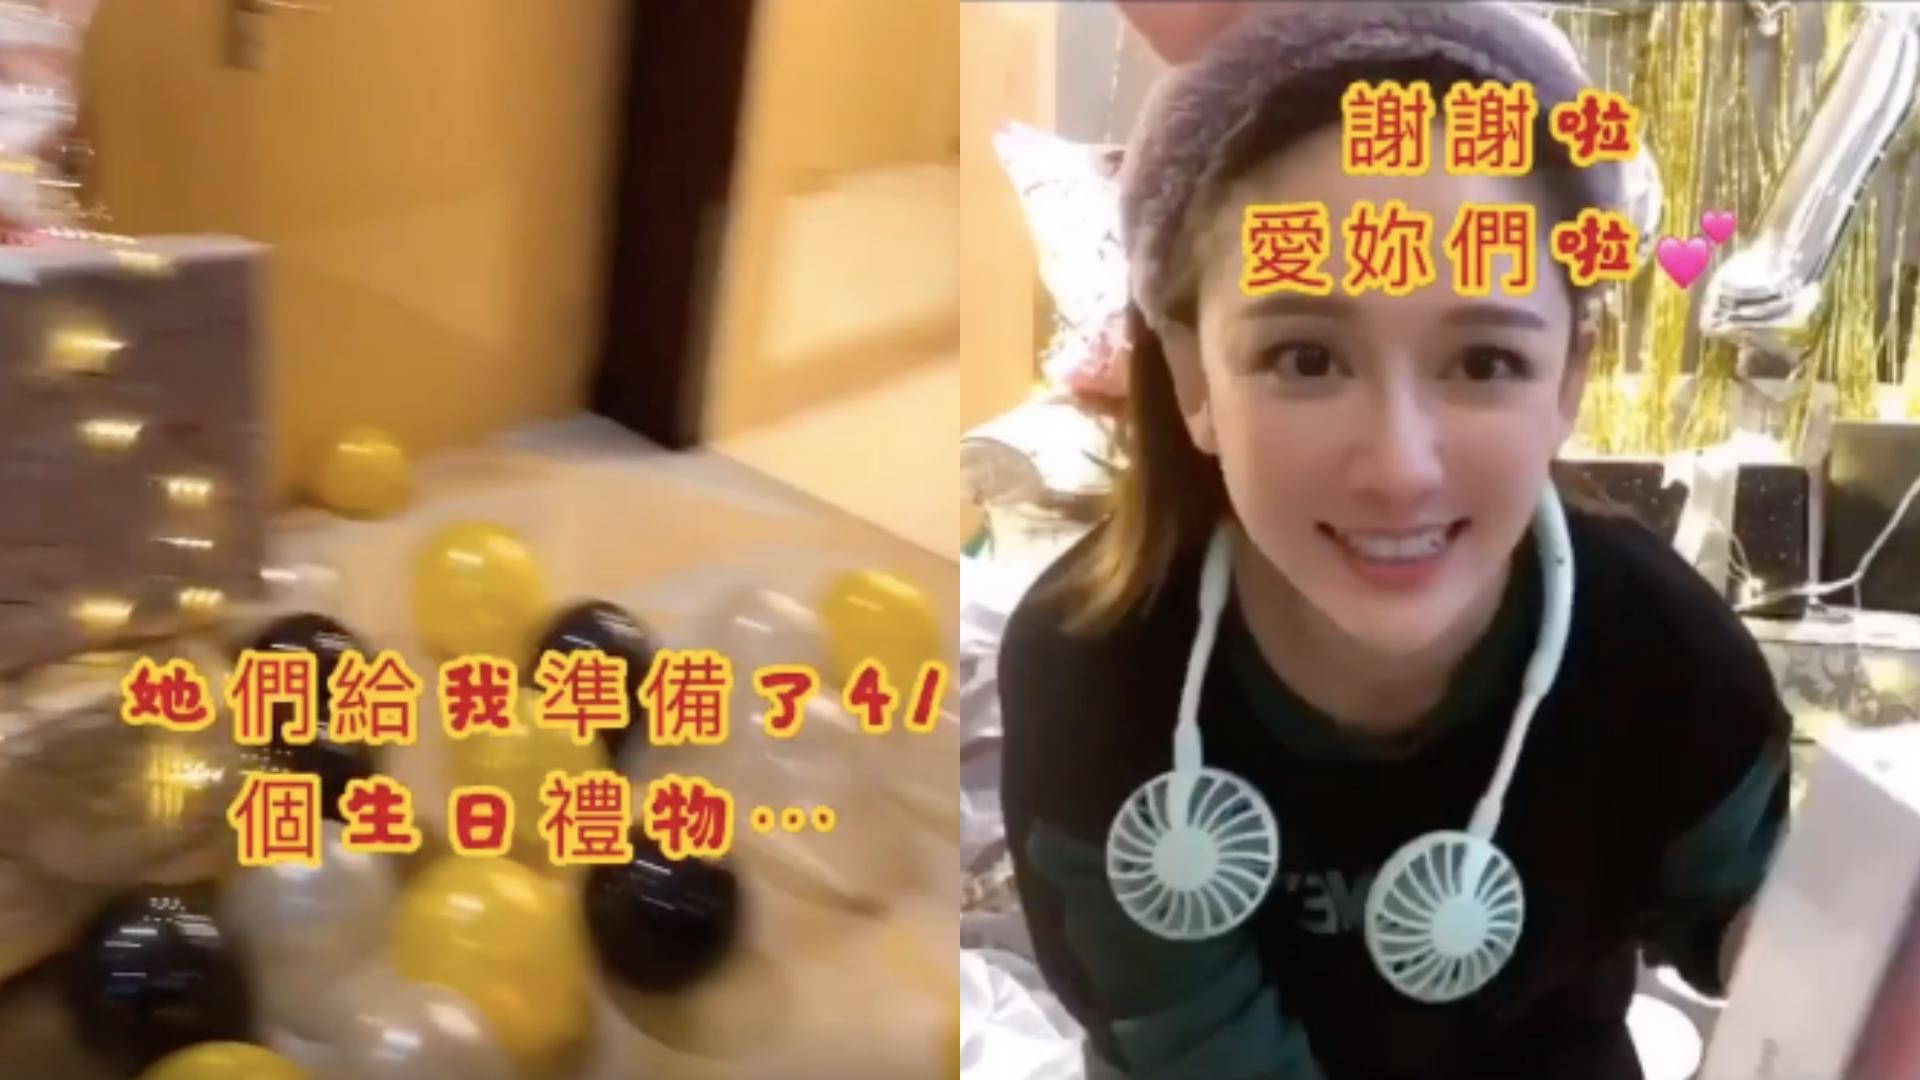 工作人員貼心為陳喬恩準備41個禮物,慶祝41歲生日。